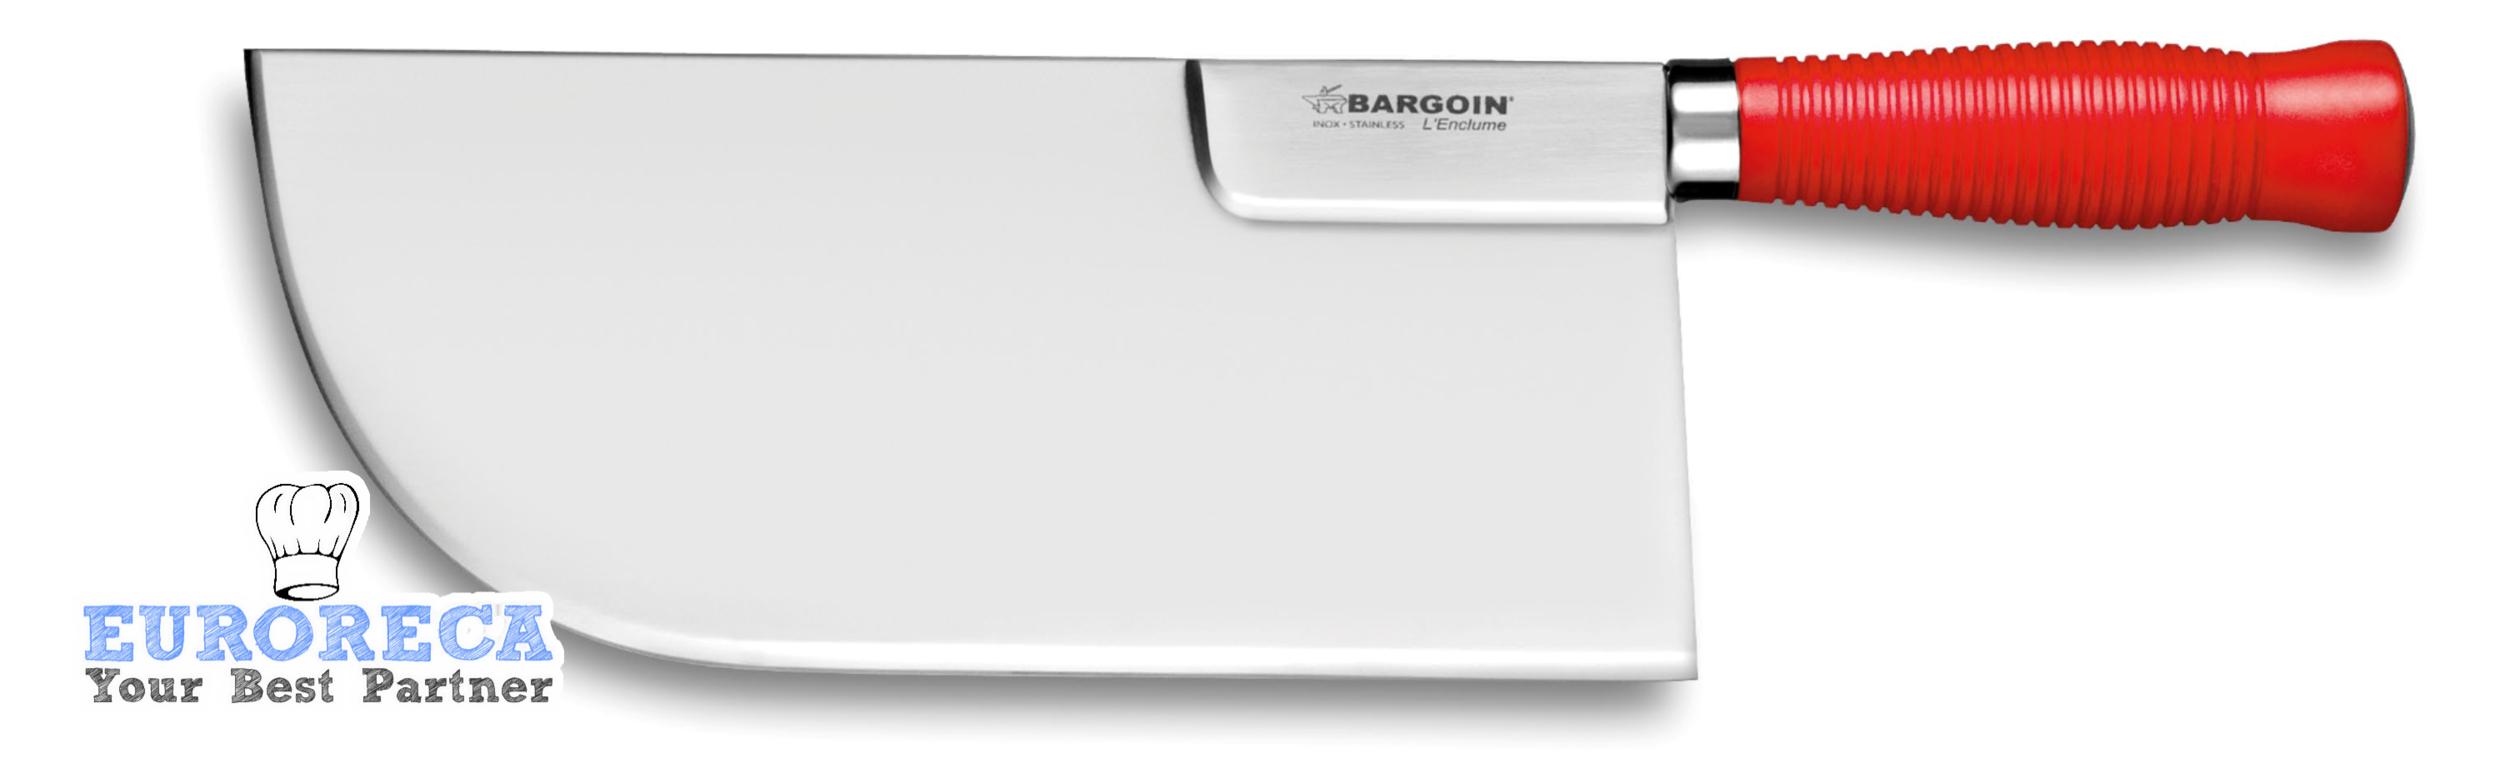 Feuille de boucher renforcé dos droit 26cm manche rouge BARGOIN